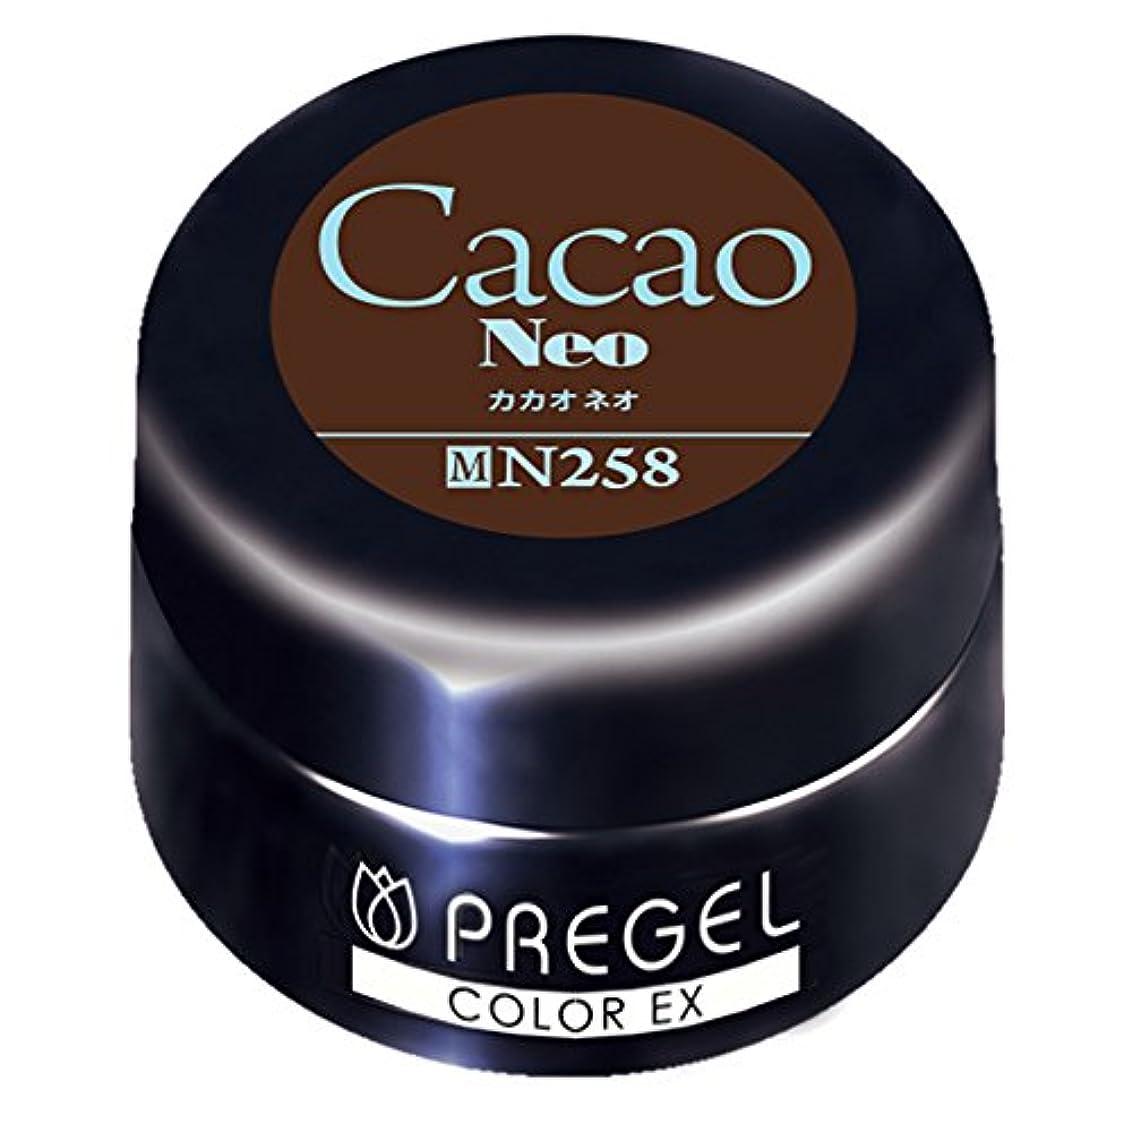 言い換えると責任適合するPRE GEL カラーEX カカオneo 258 4g UV/LED対応